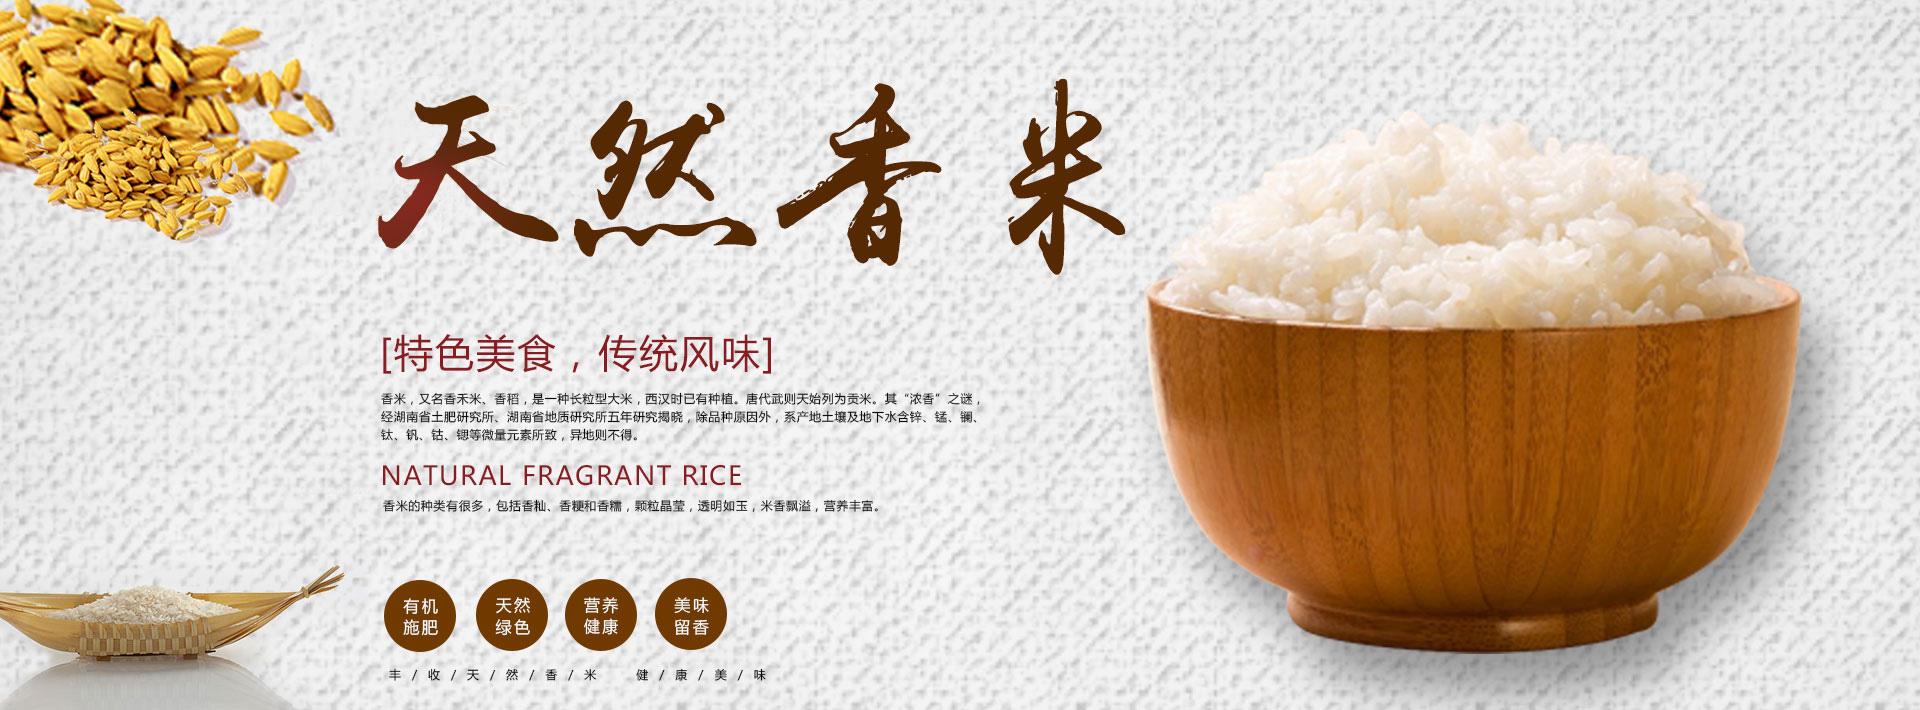 荆州大米厂家